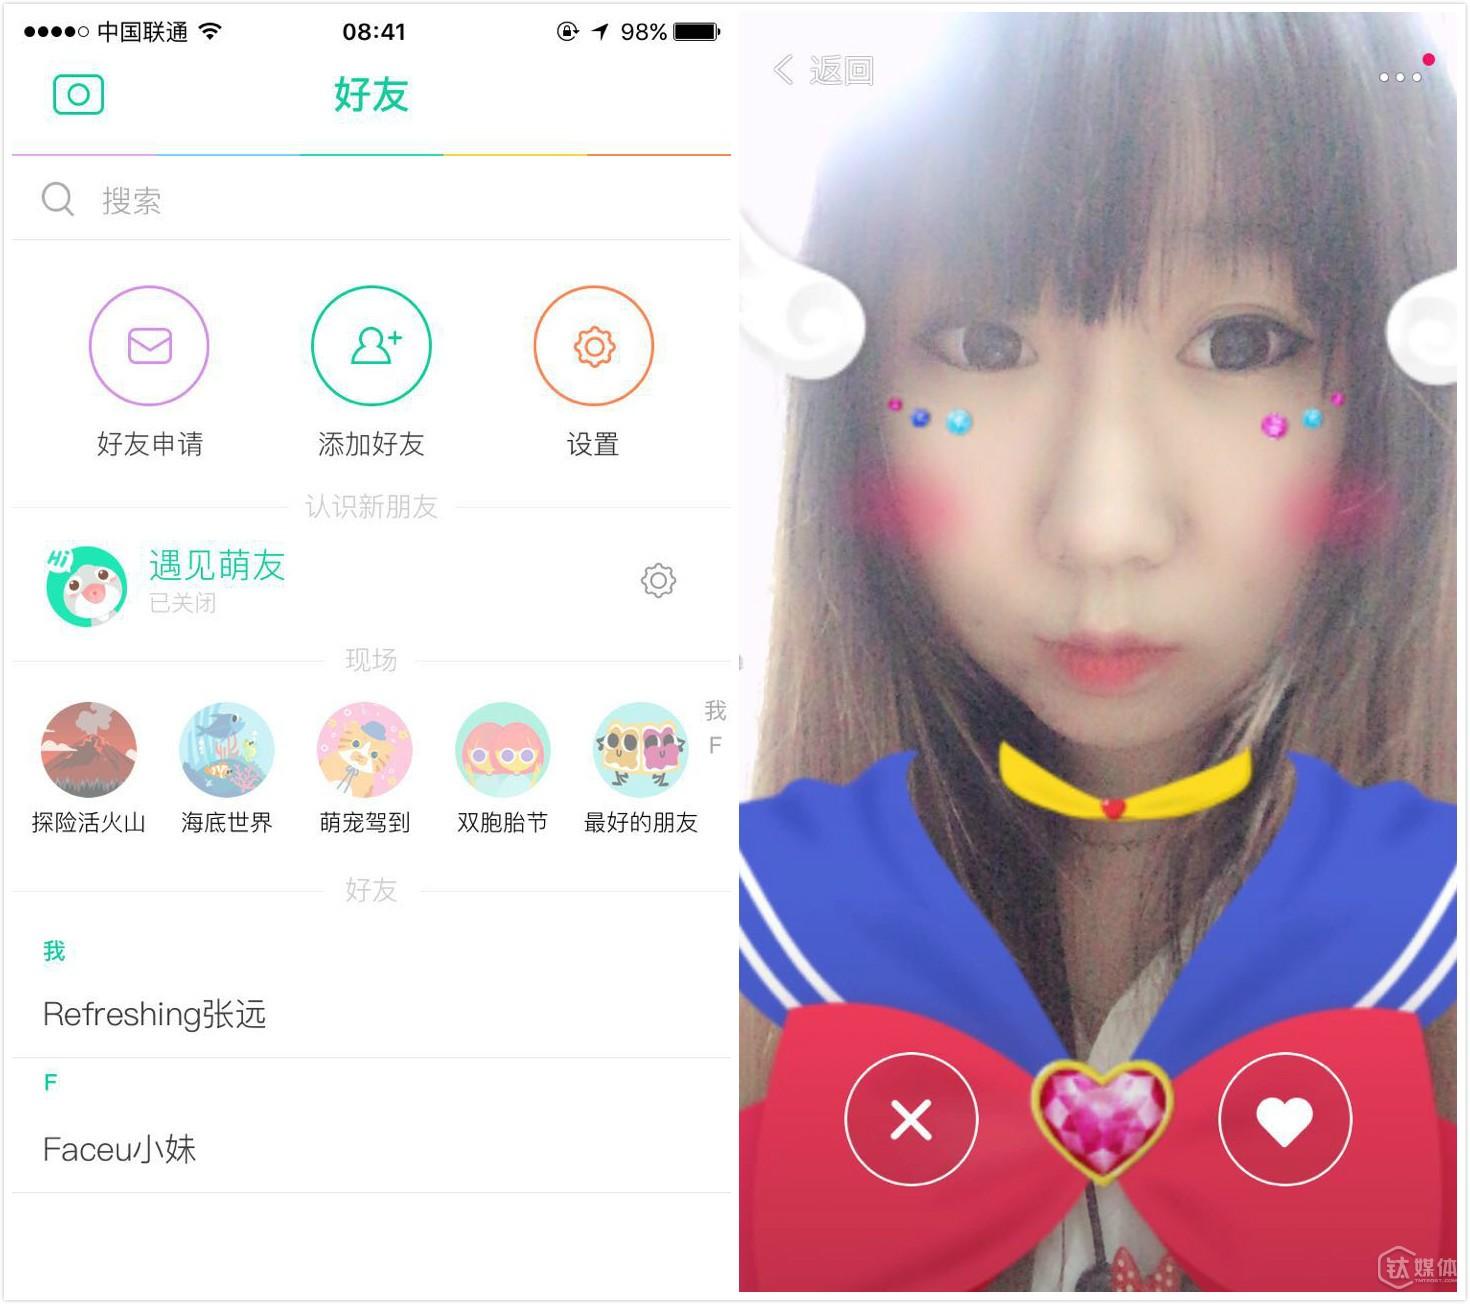 熟人聊天工具被QQ断了后路,FaceU只好转头去做视频版的Tinder